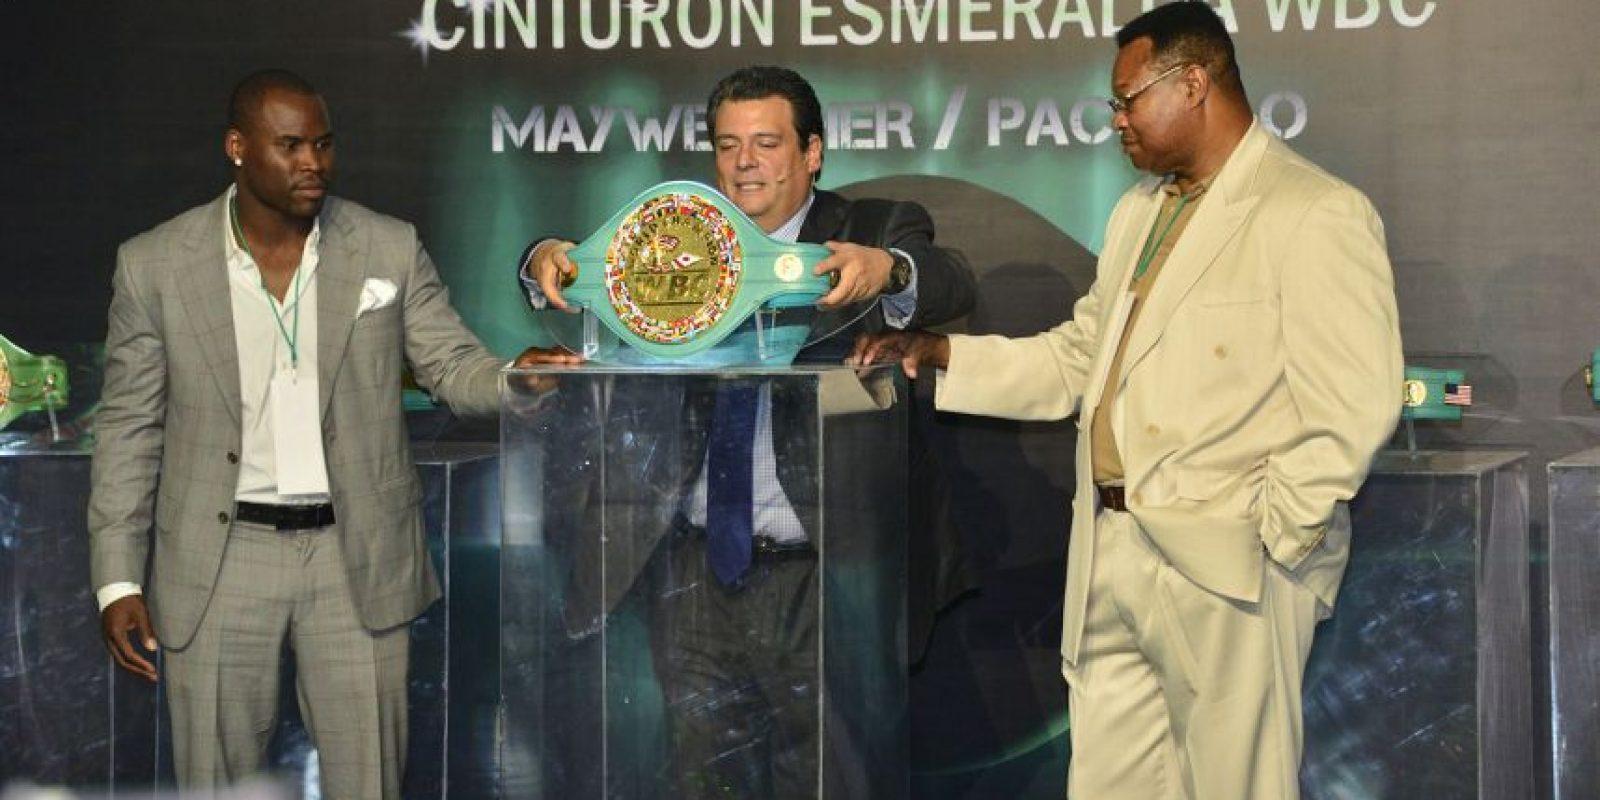 """Fue presentado oficialmente el cinturón que se llevará el ganador de la """"Pelea del Siglo"""". Foto:World Boxing Council"""